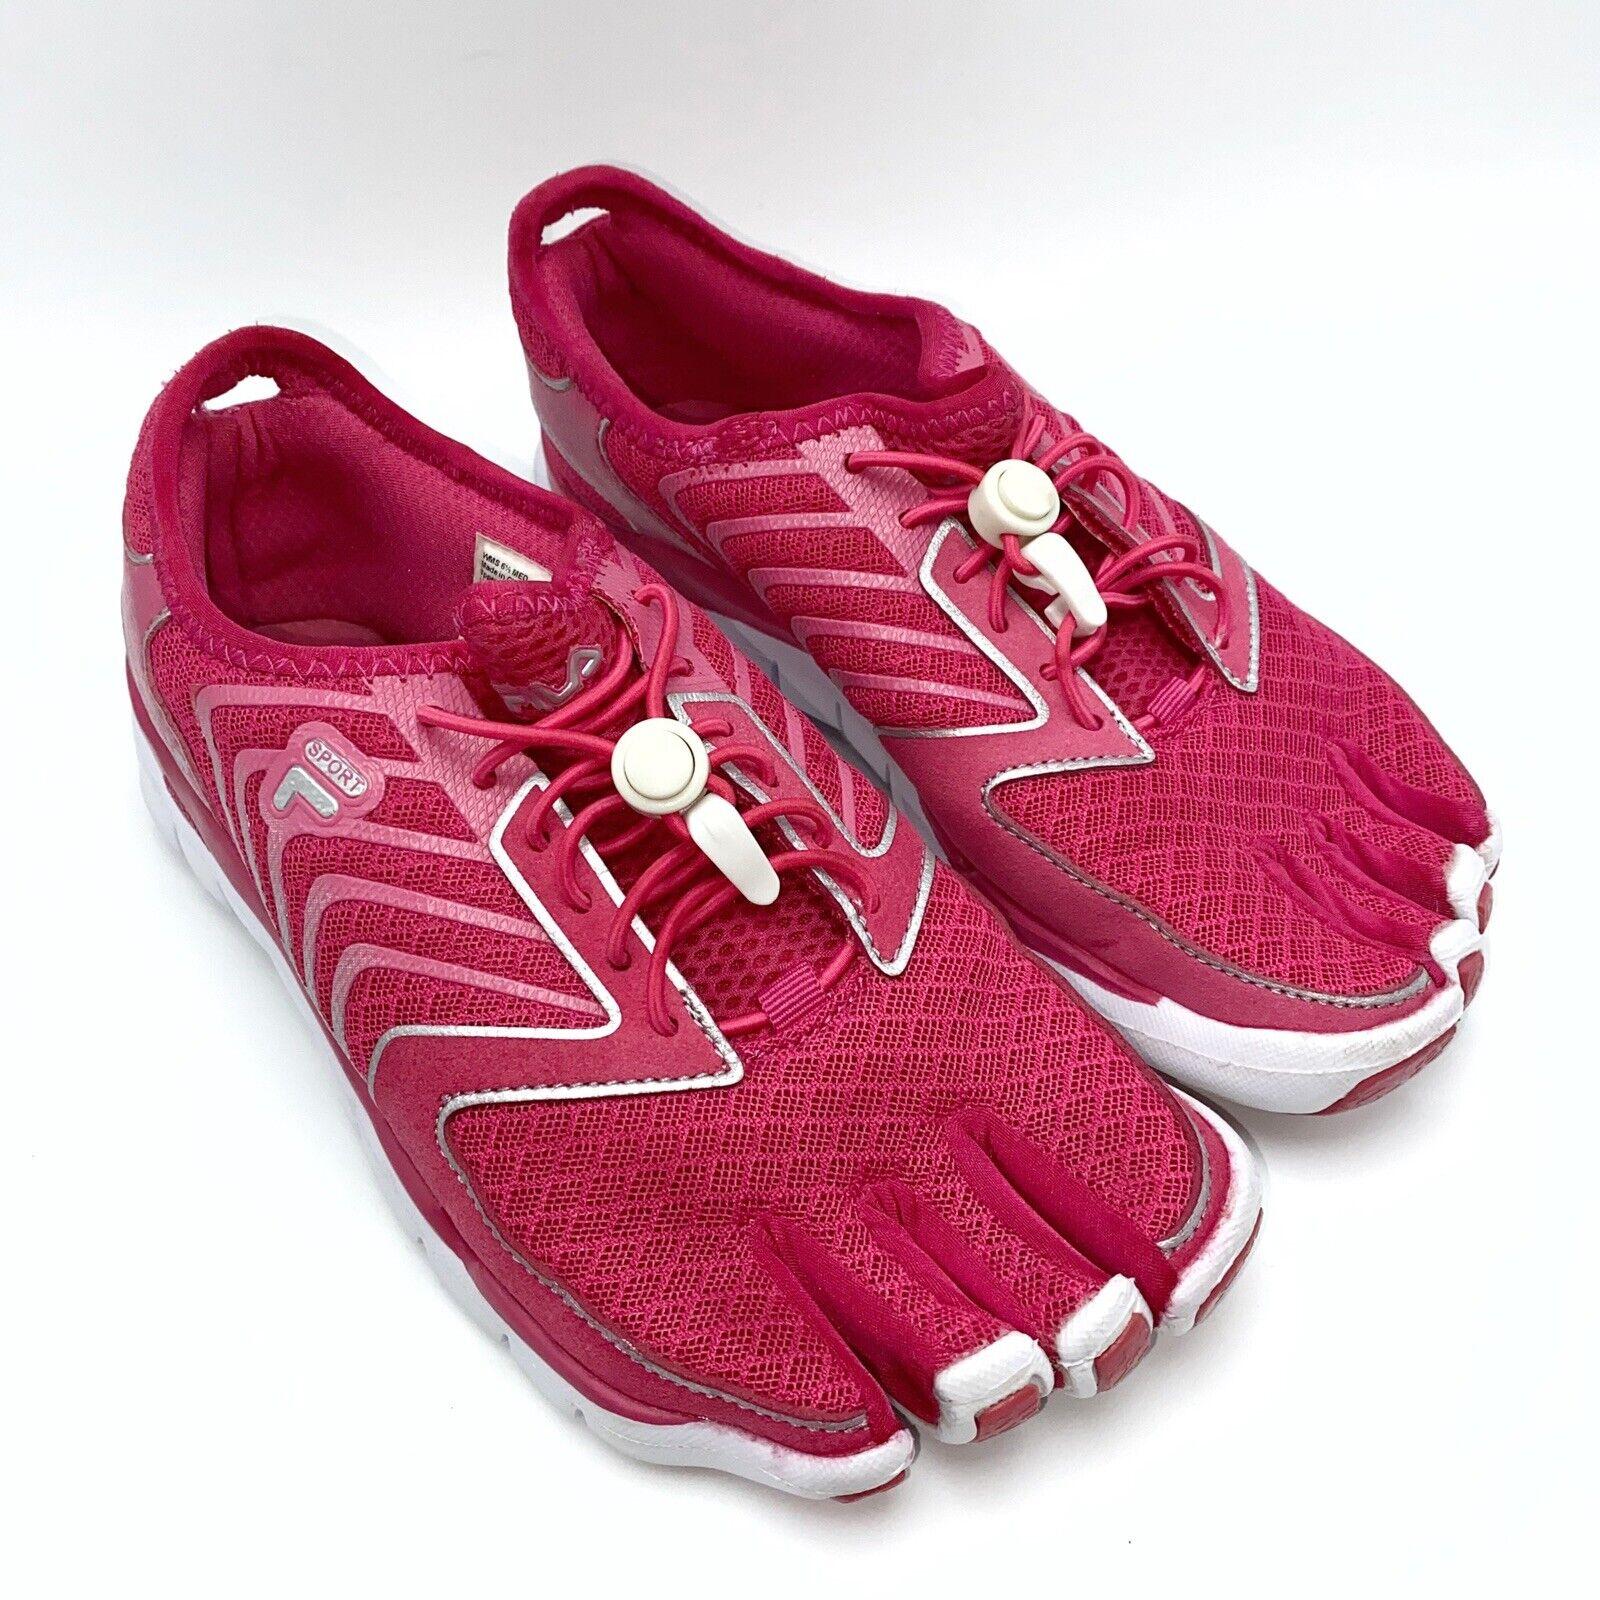 Fila Sport Skele-Toes Leap Rose minimaliste Slip-on Chaussure de course pour femme Taille 6.5 M